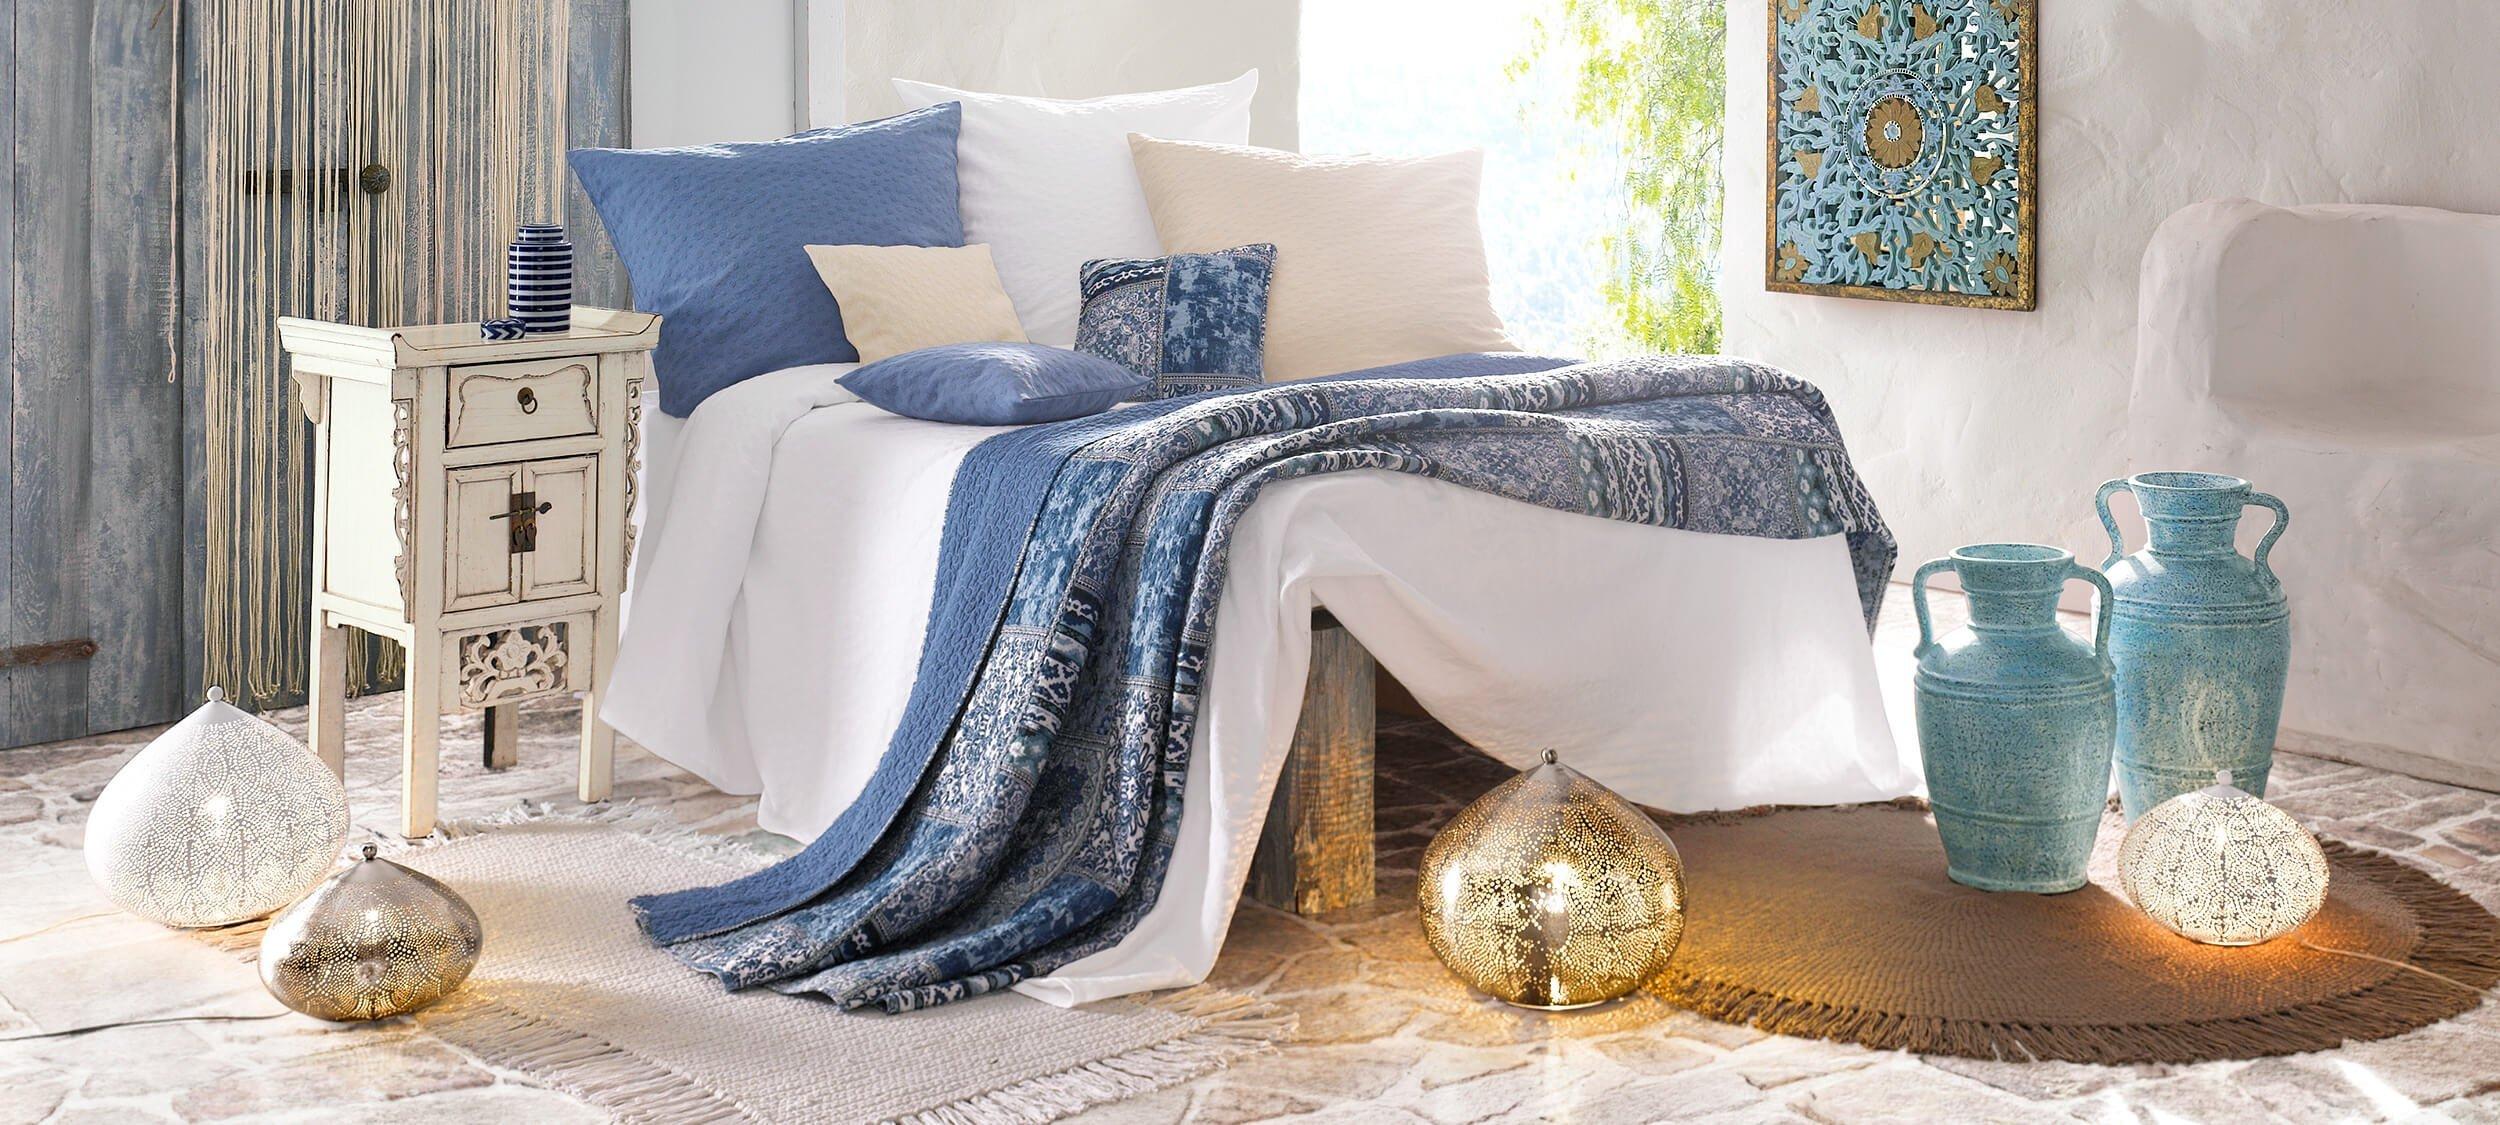 styles stories der lifestyle living blog von heine. Black Bedroom Furniture Sets. Home Design Ideas